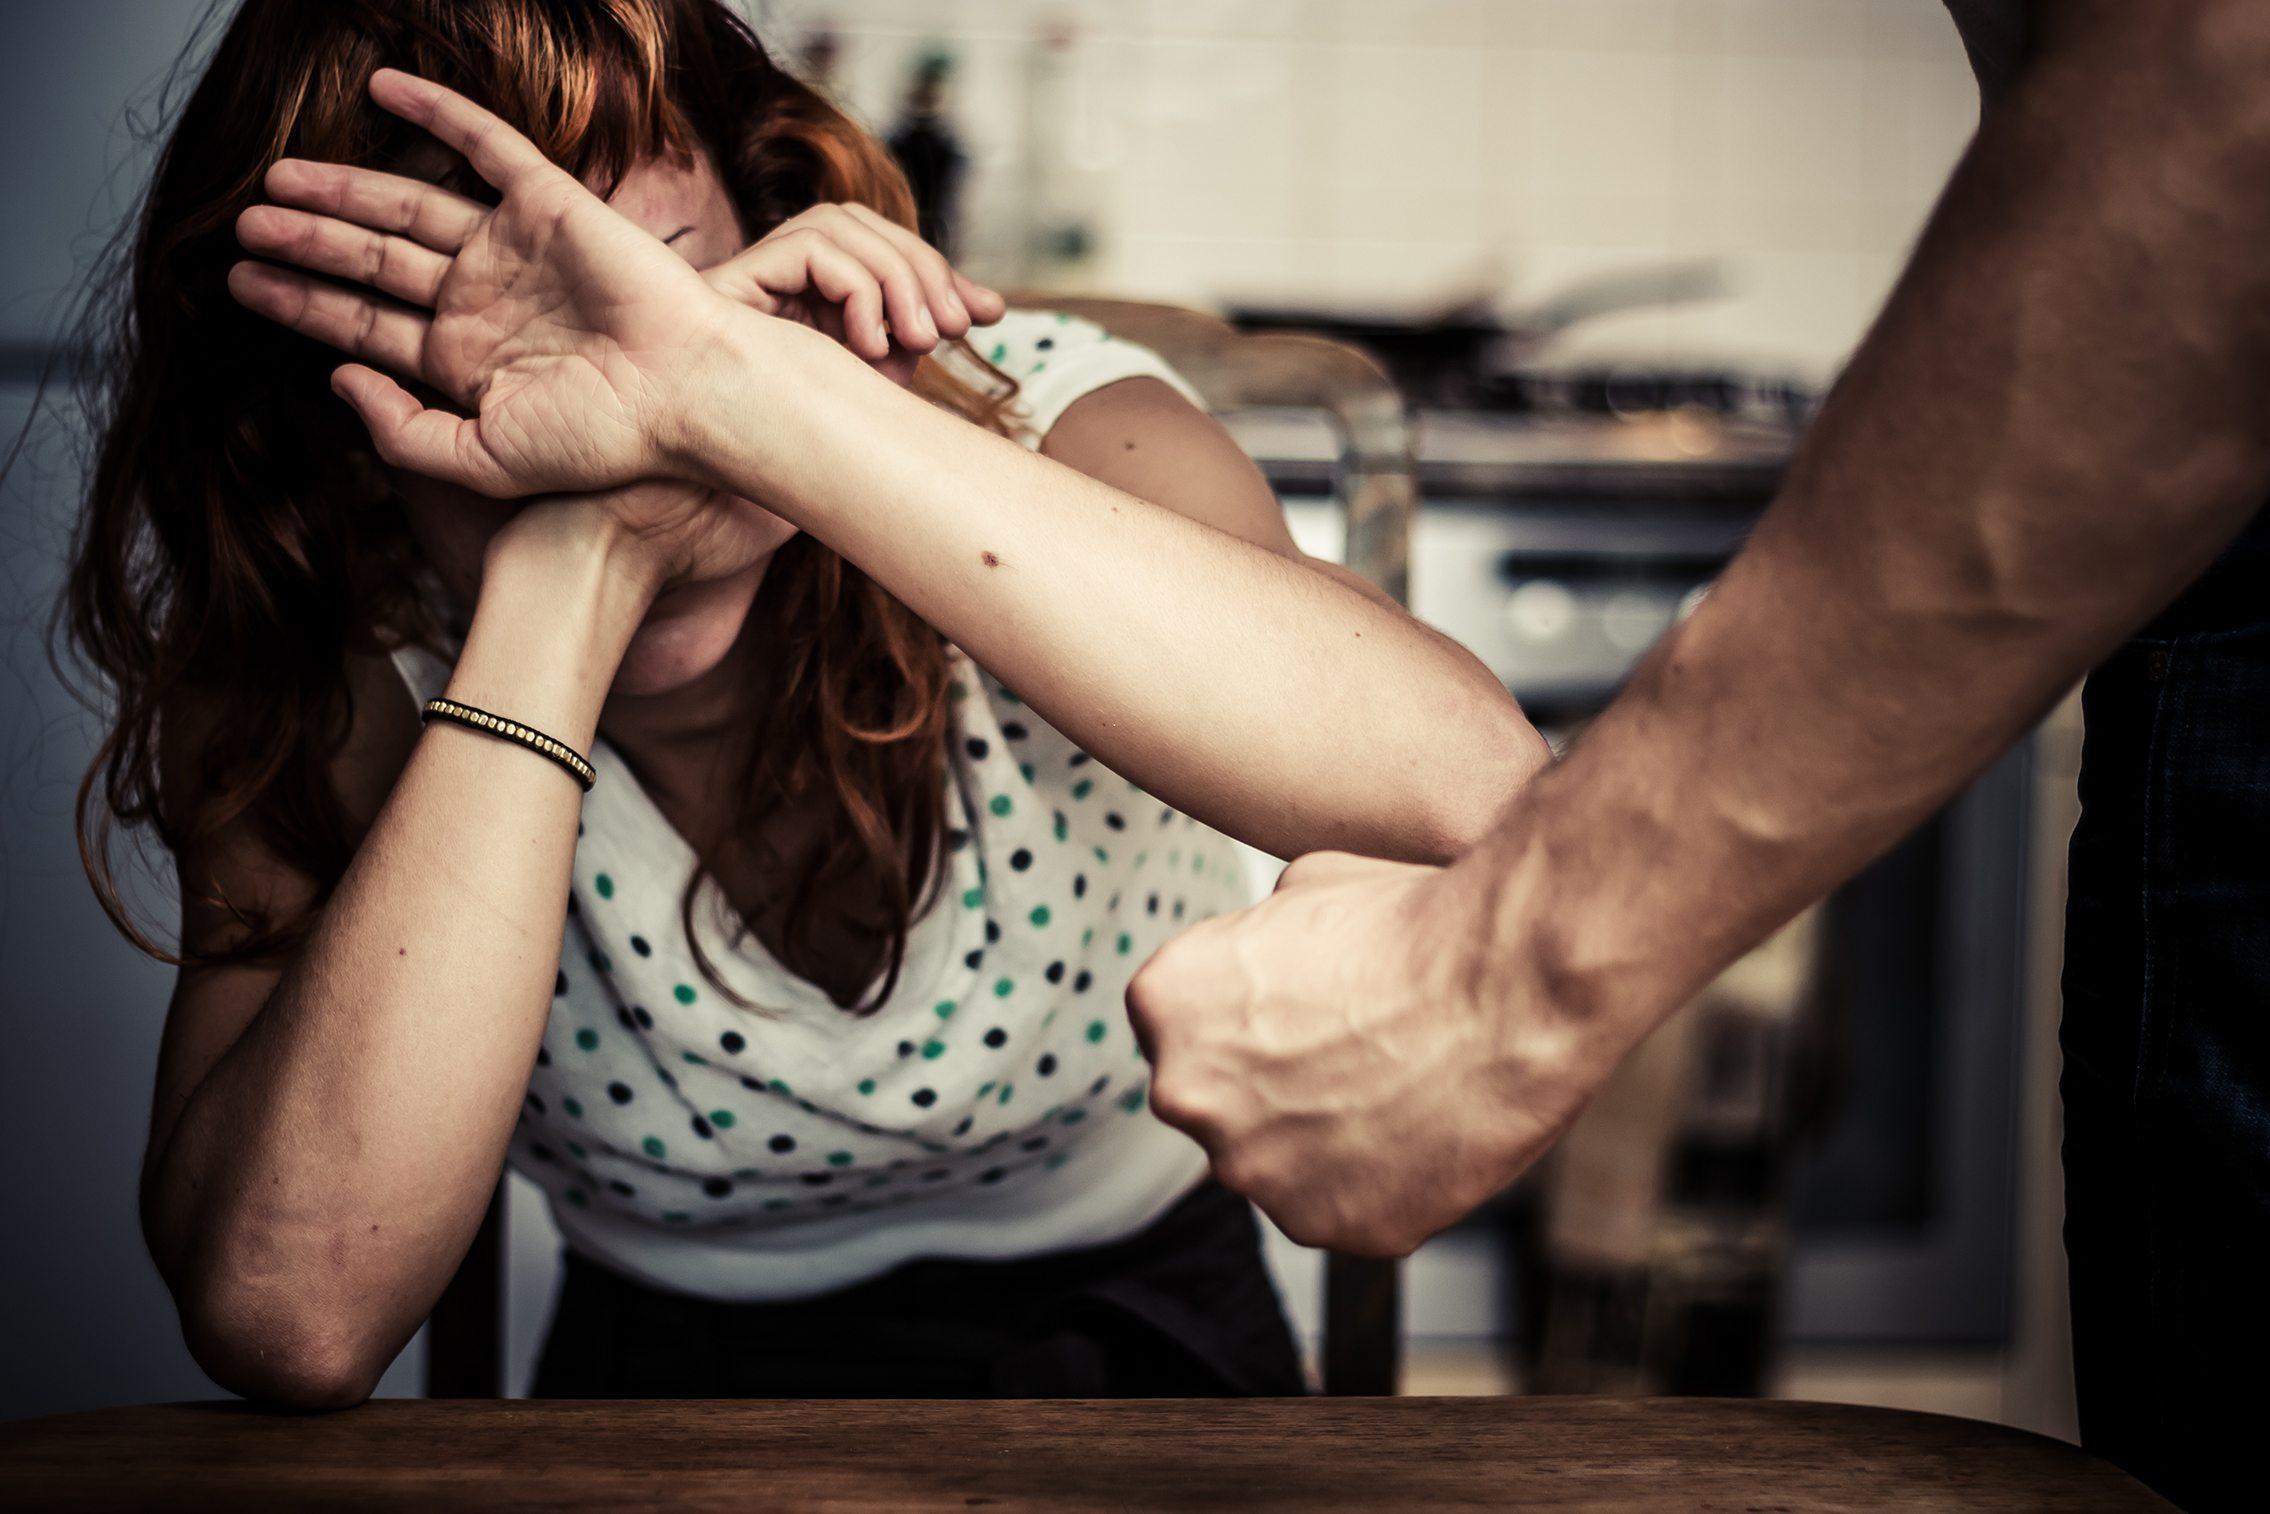 Kendisinden boşanmak isteyen Nurtaç Canan'a kurşun yağdıran Ragıp Canan'dan şoke eden ifade: Biliyorum, eşimin kalbini kırdım!